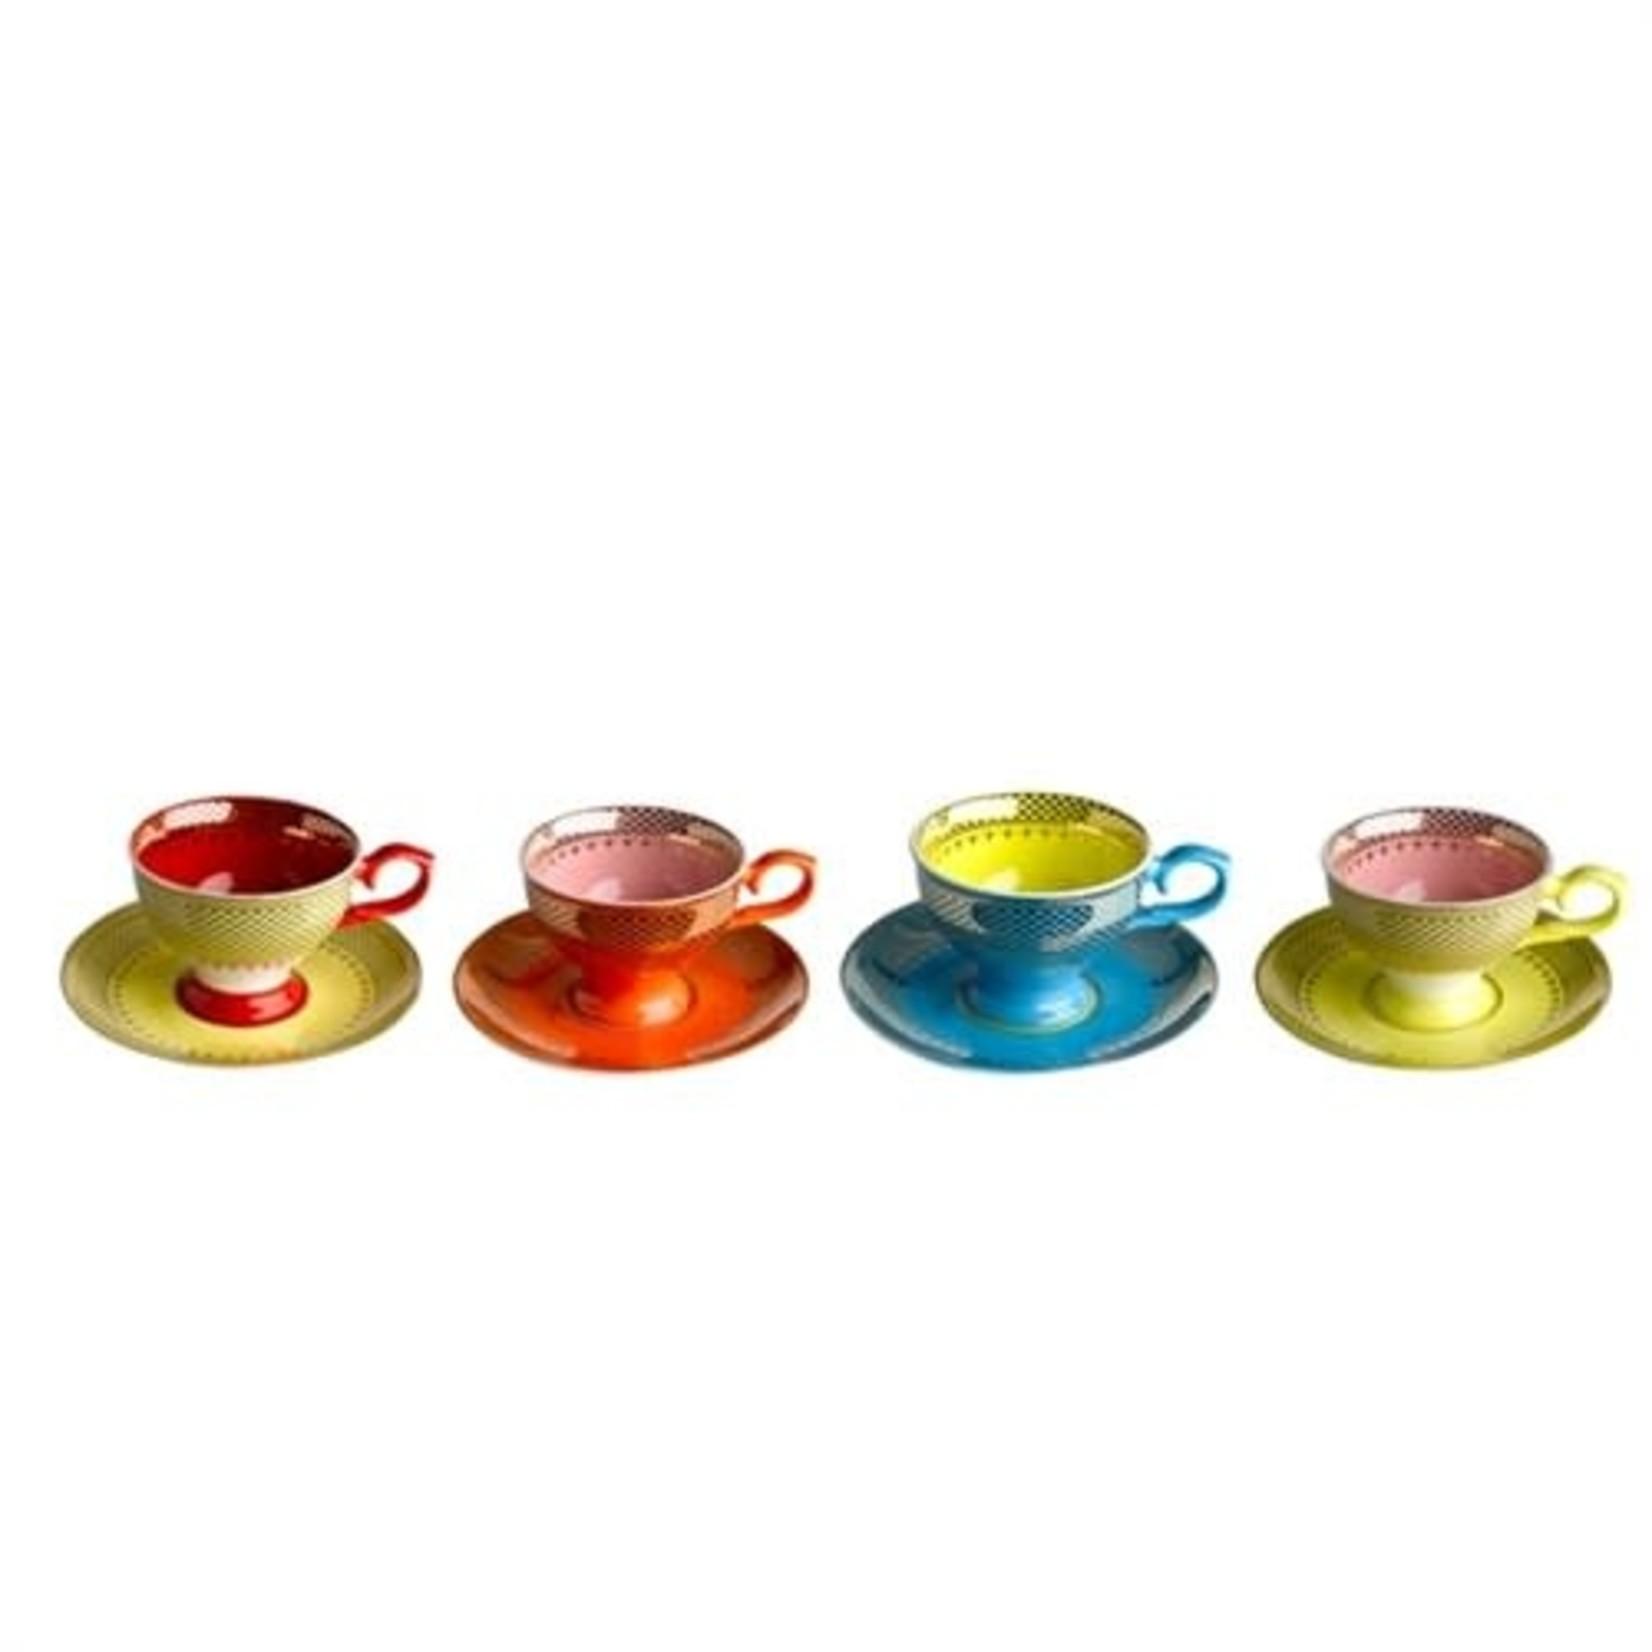 Pols Potten Grandma Espresso - set of 4